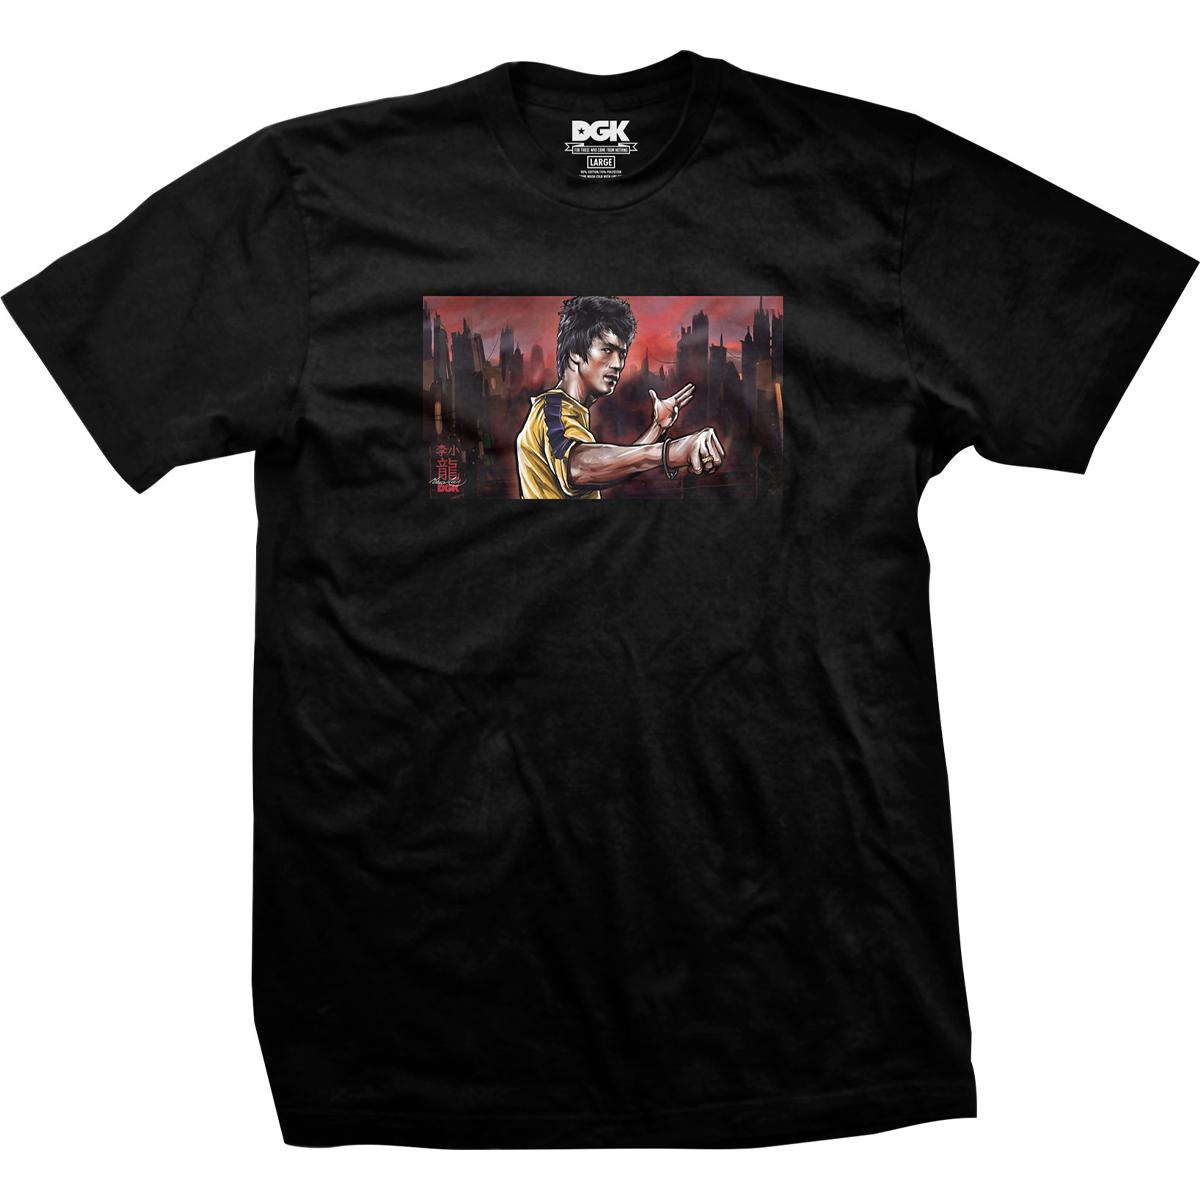 Warrior DGK T-shirt - Black